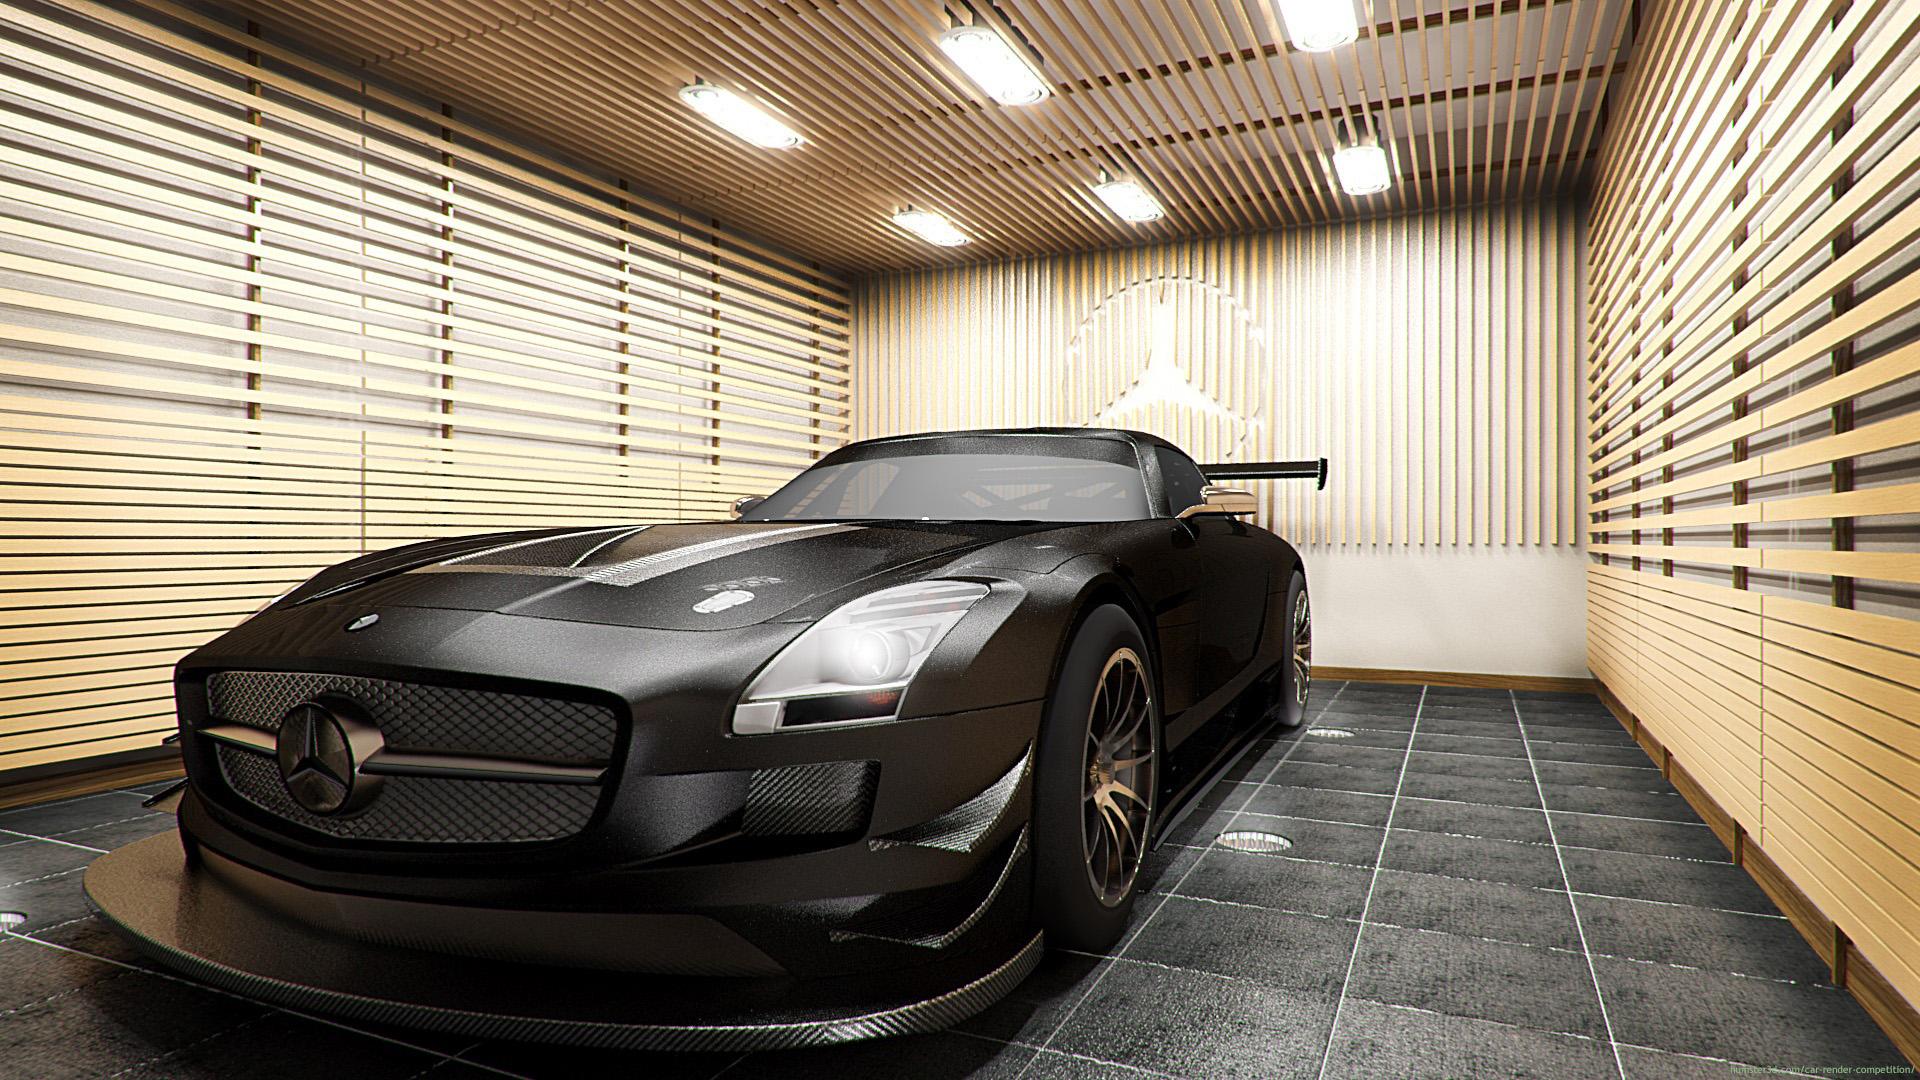 2011 Mercedes-Benz SLS AMG Black 3d art